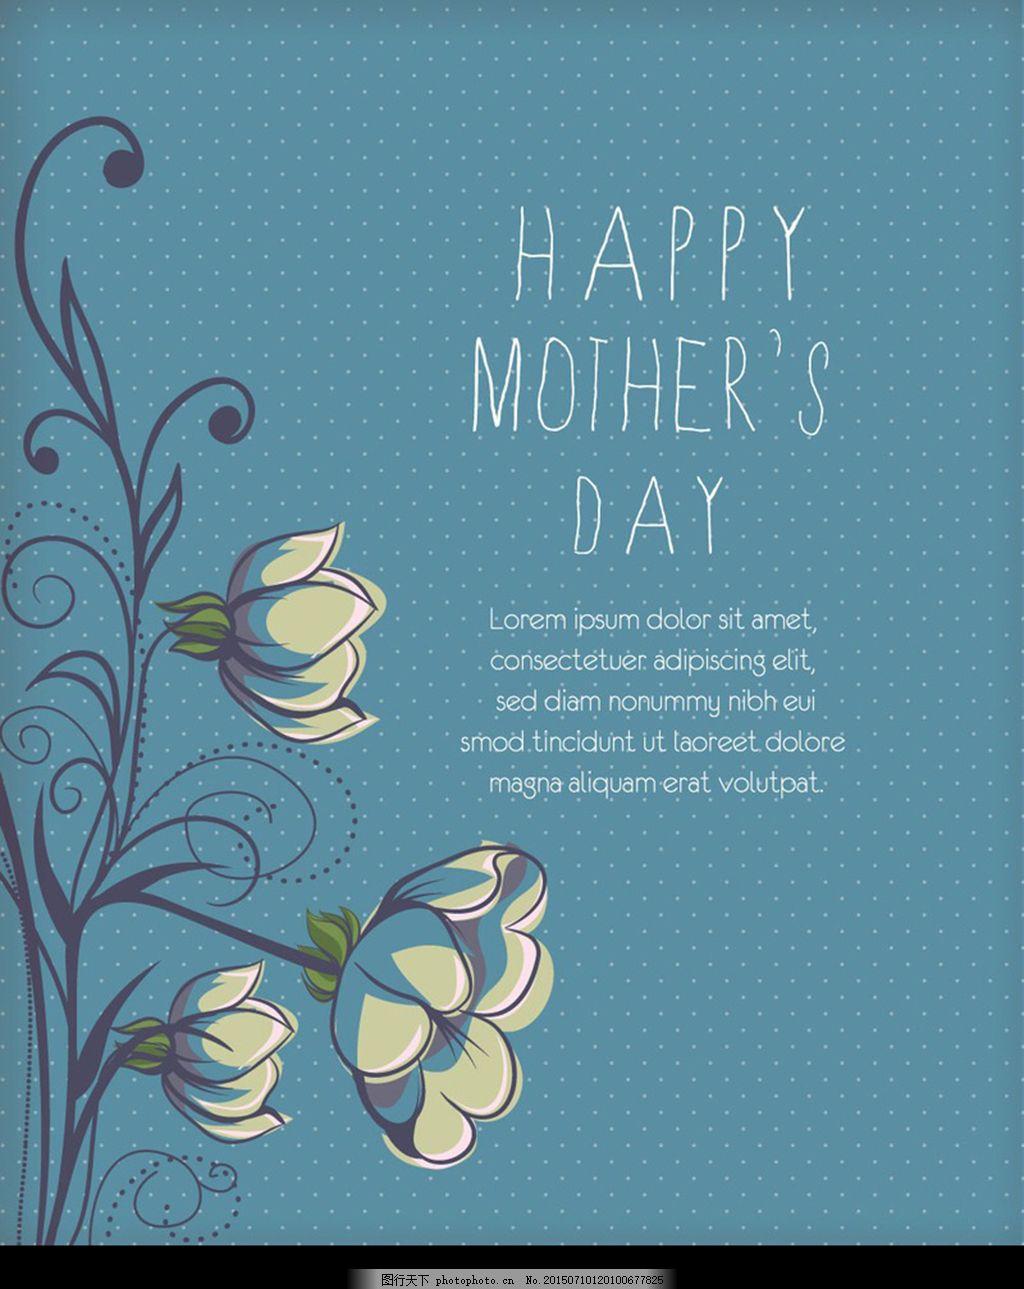 淡蓝色手绘小花背景 母亲节卡片母亲节贺卡 清新母亲节 感恩母亲节 母